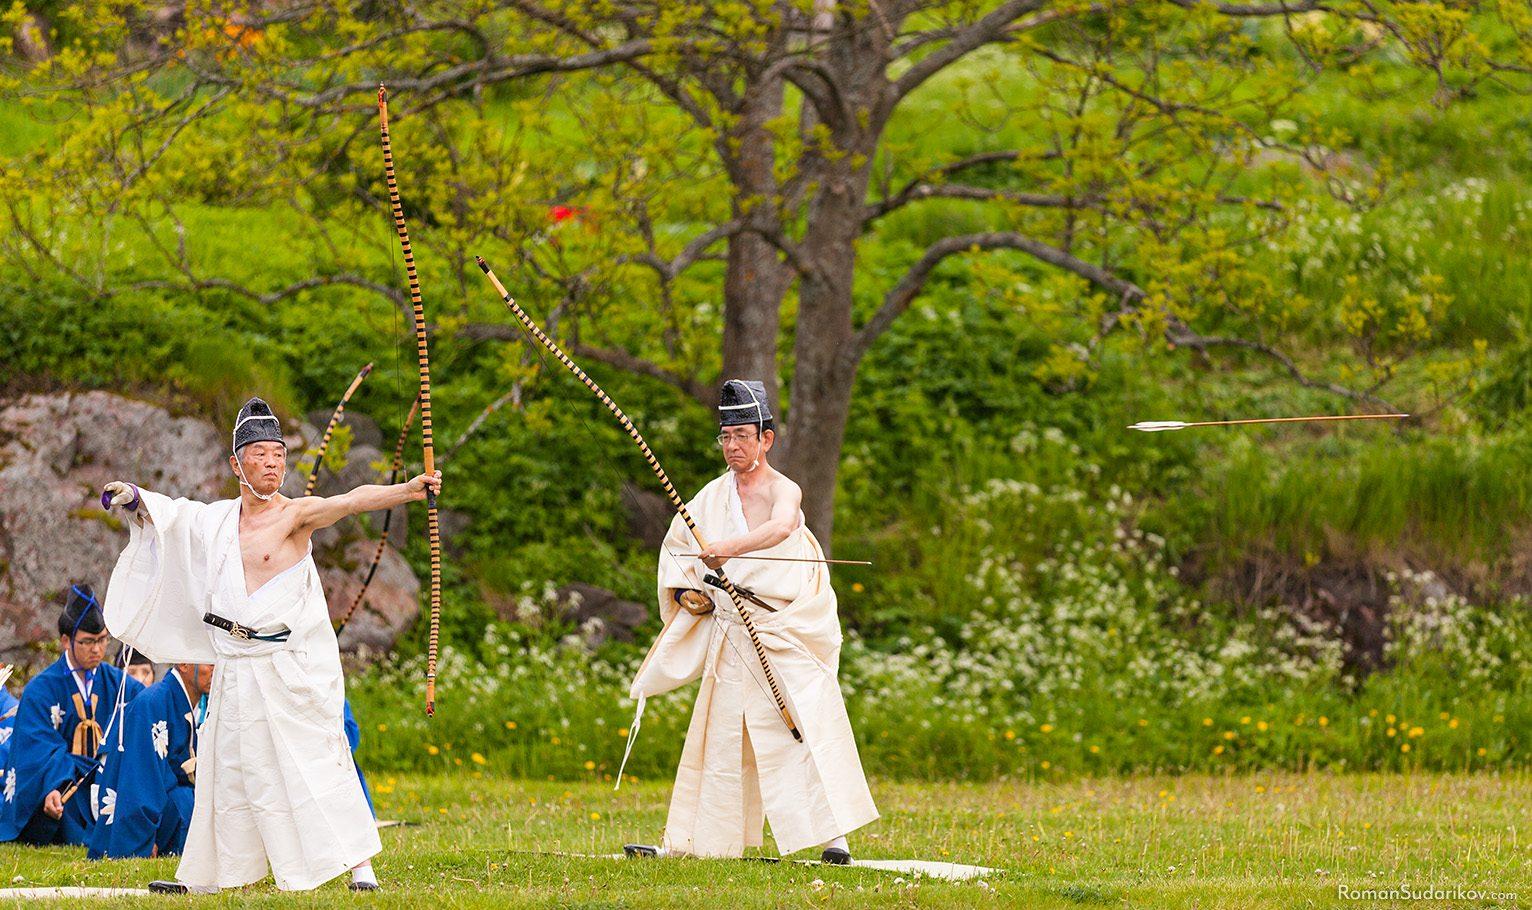 Оматошики, японский ритуал стрельбы из лука, Финляндия